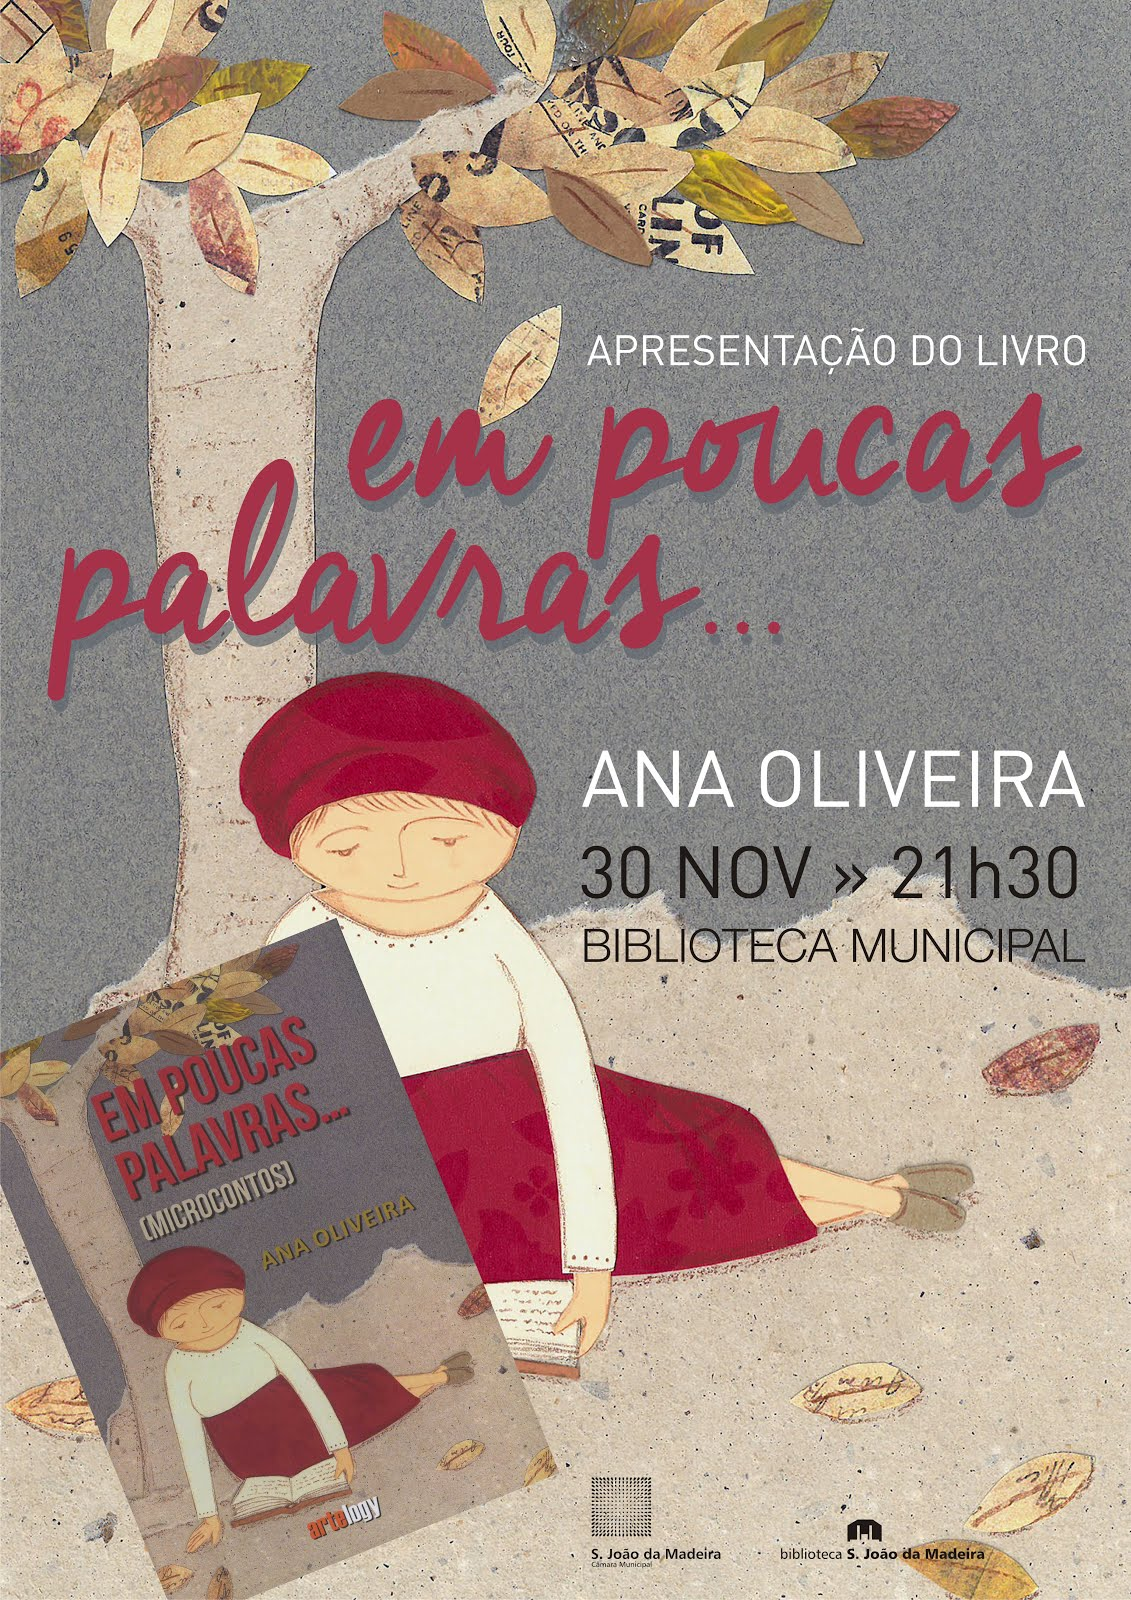 """Apresentação do livro """"Em poucas palavras... : microcontos de Ana Oliveira"""